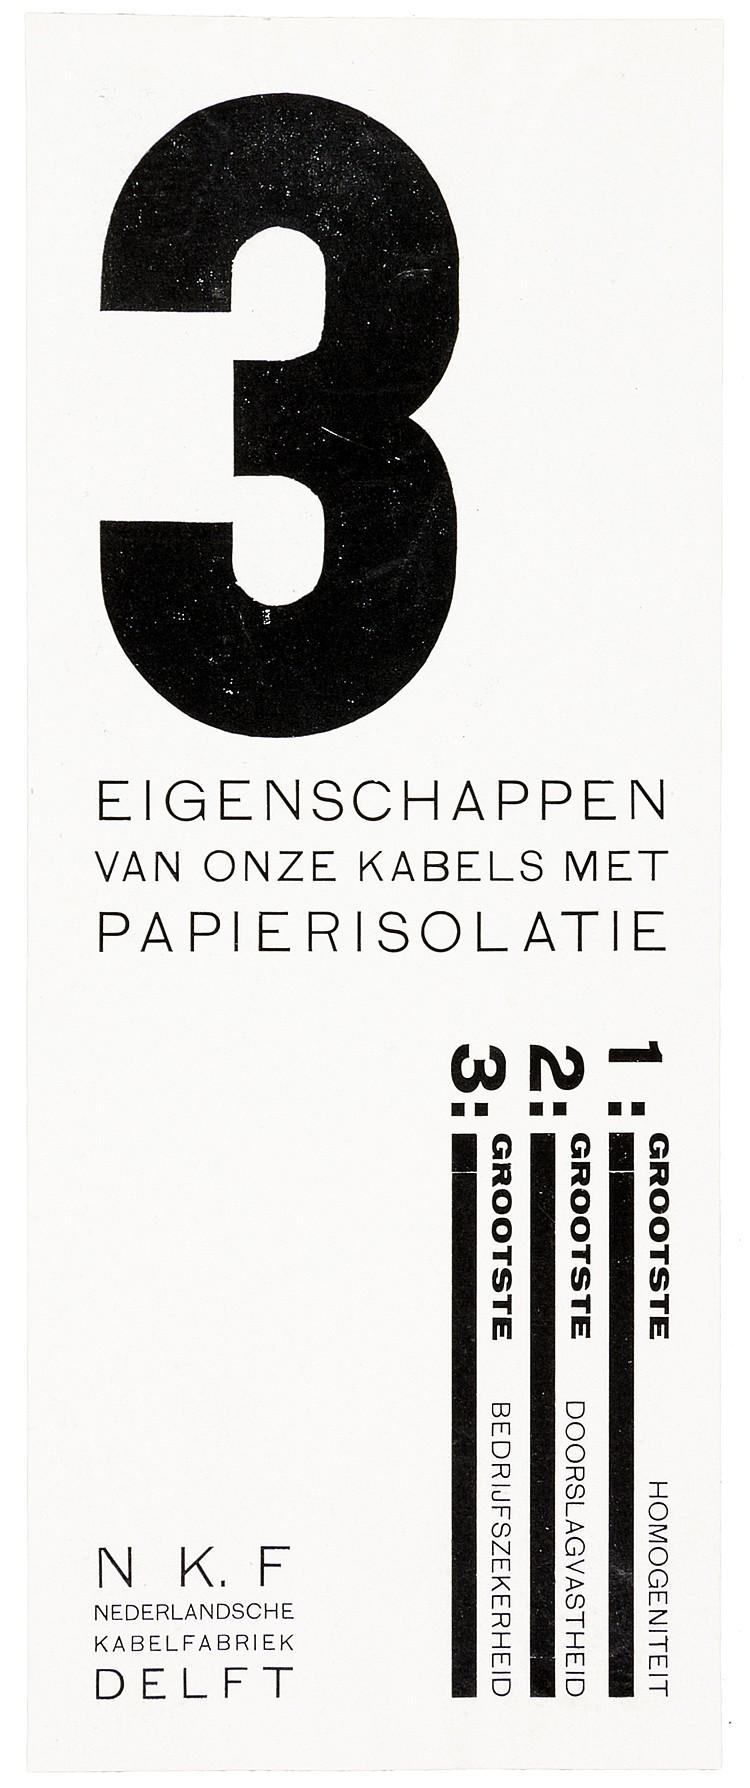 Typographie - - Zwart, Piet. 3 eigenschappen van onze kabels met papierisol